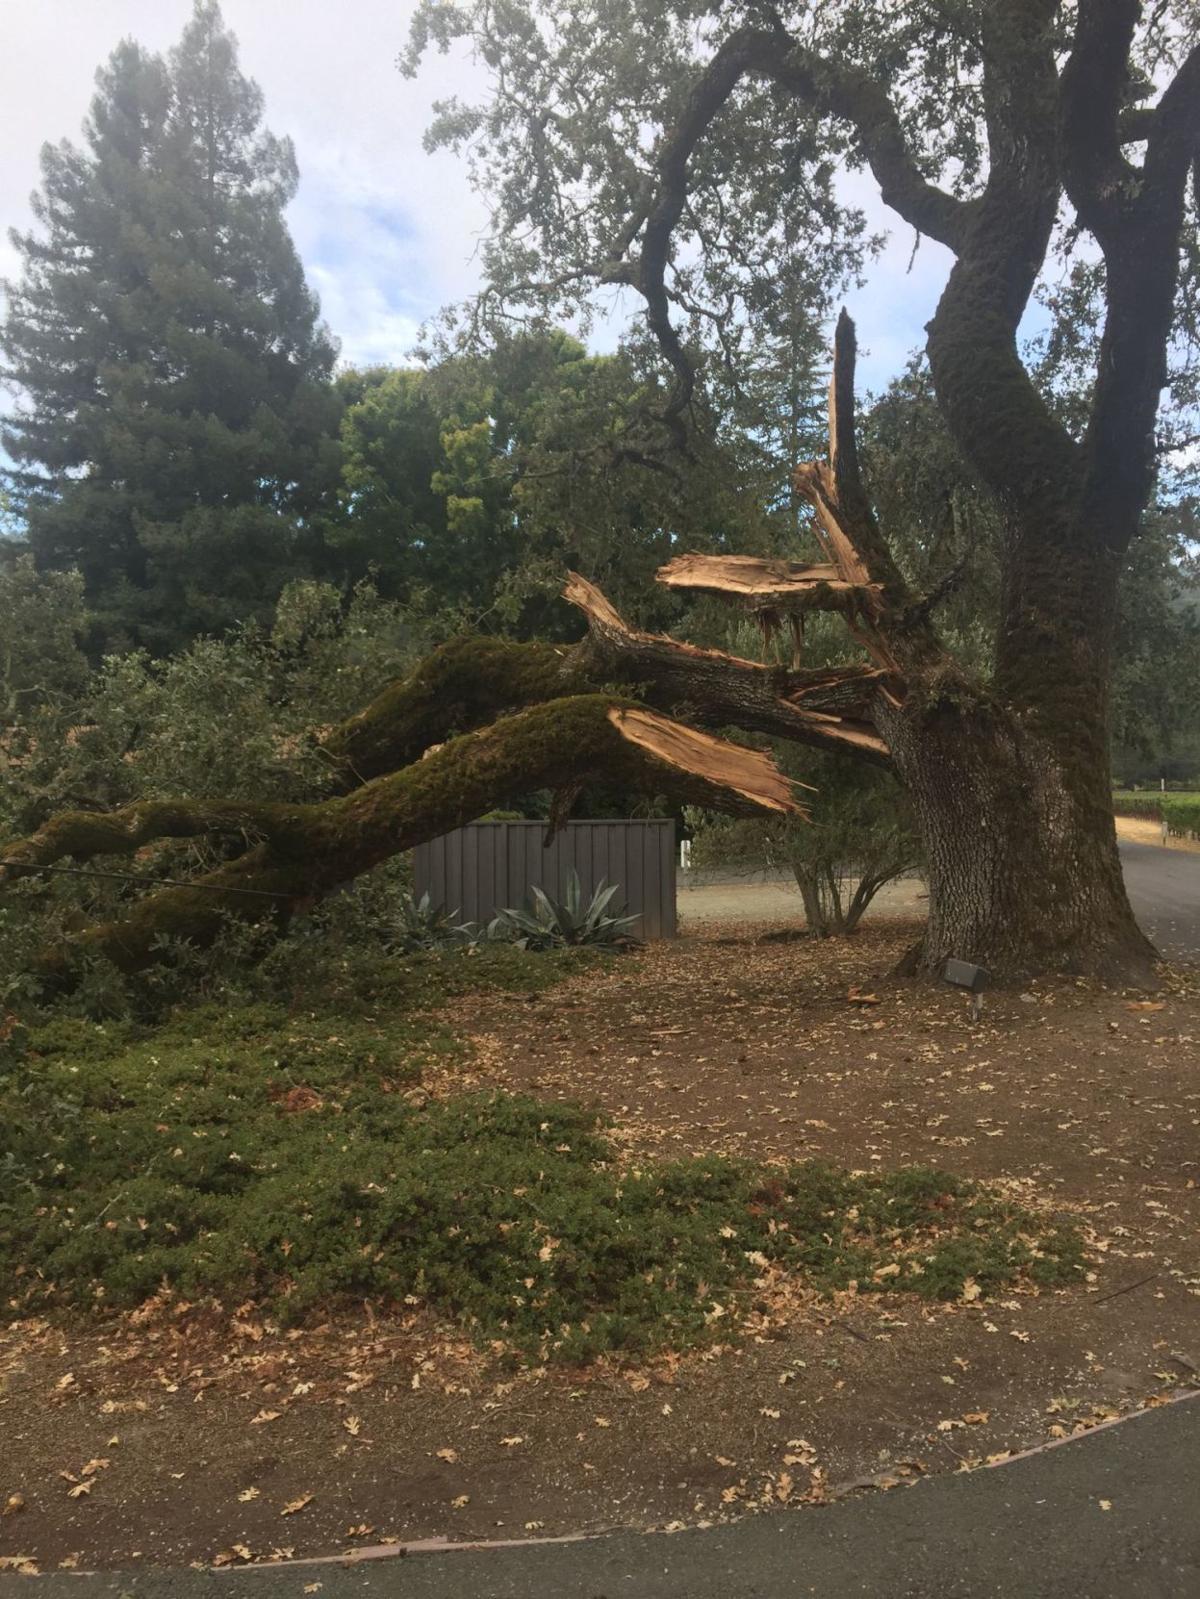 Oak branch crashes down